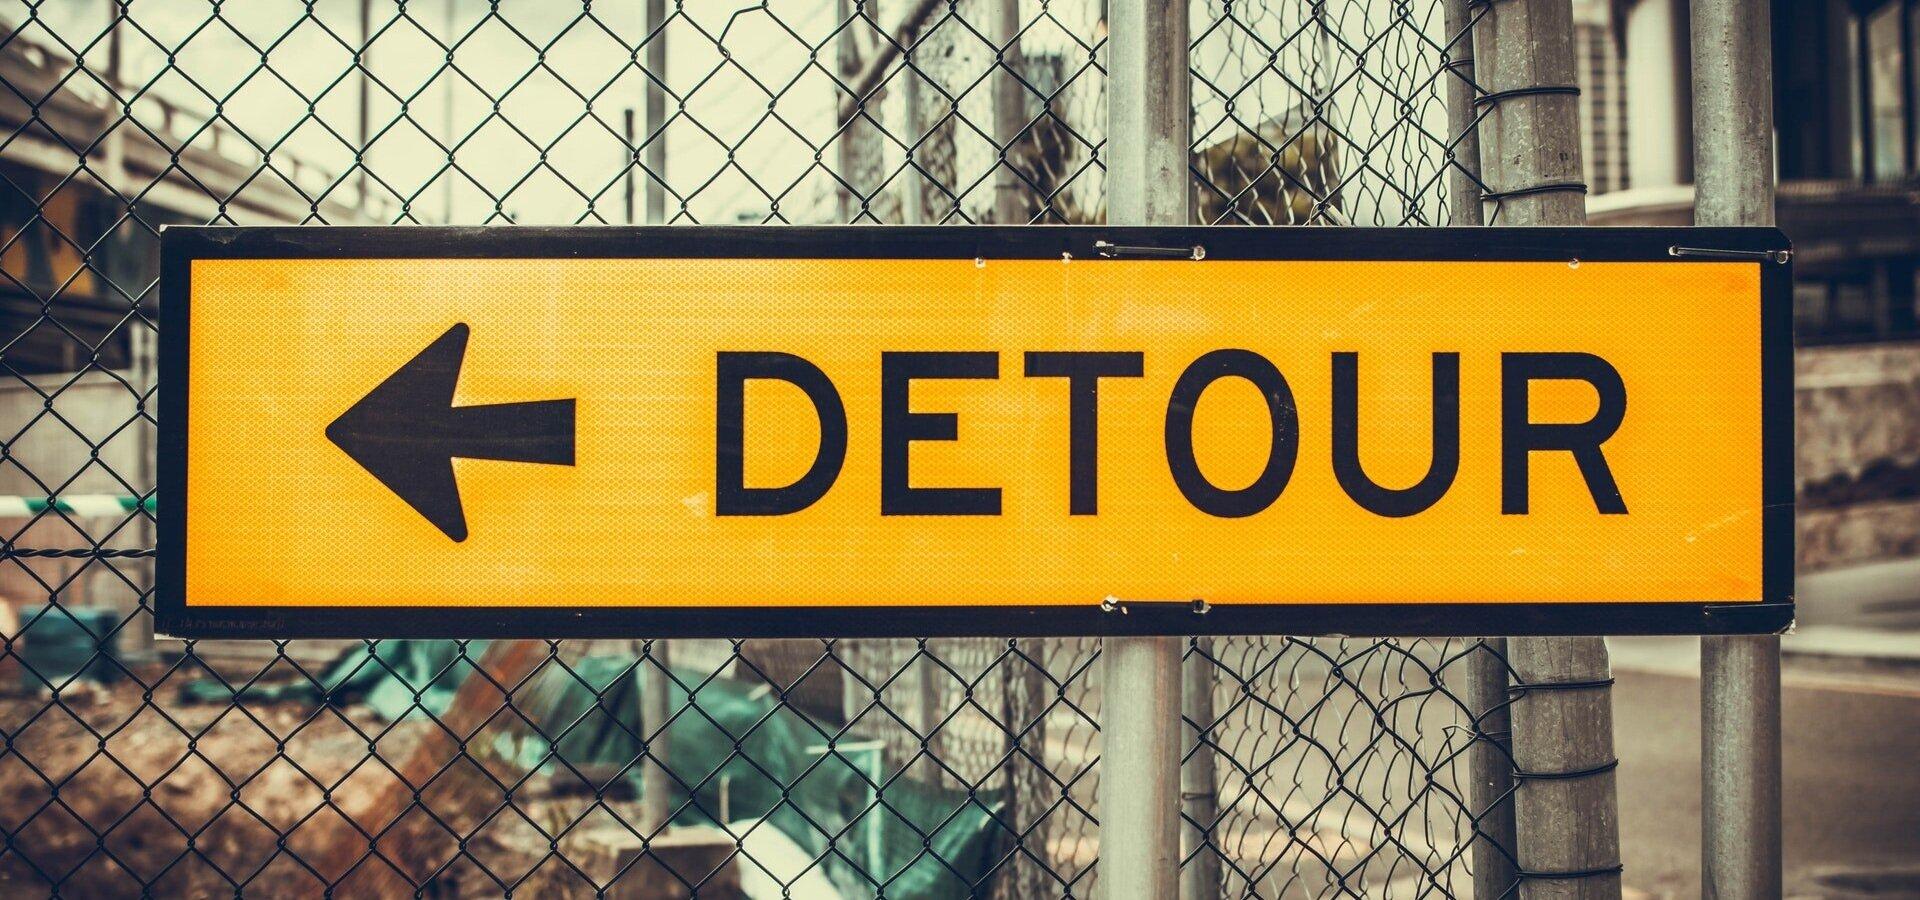 arrow-detour-sign.jpg